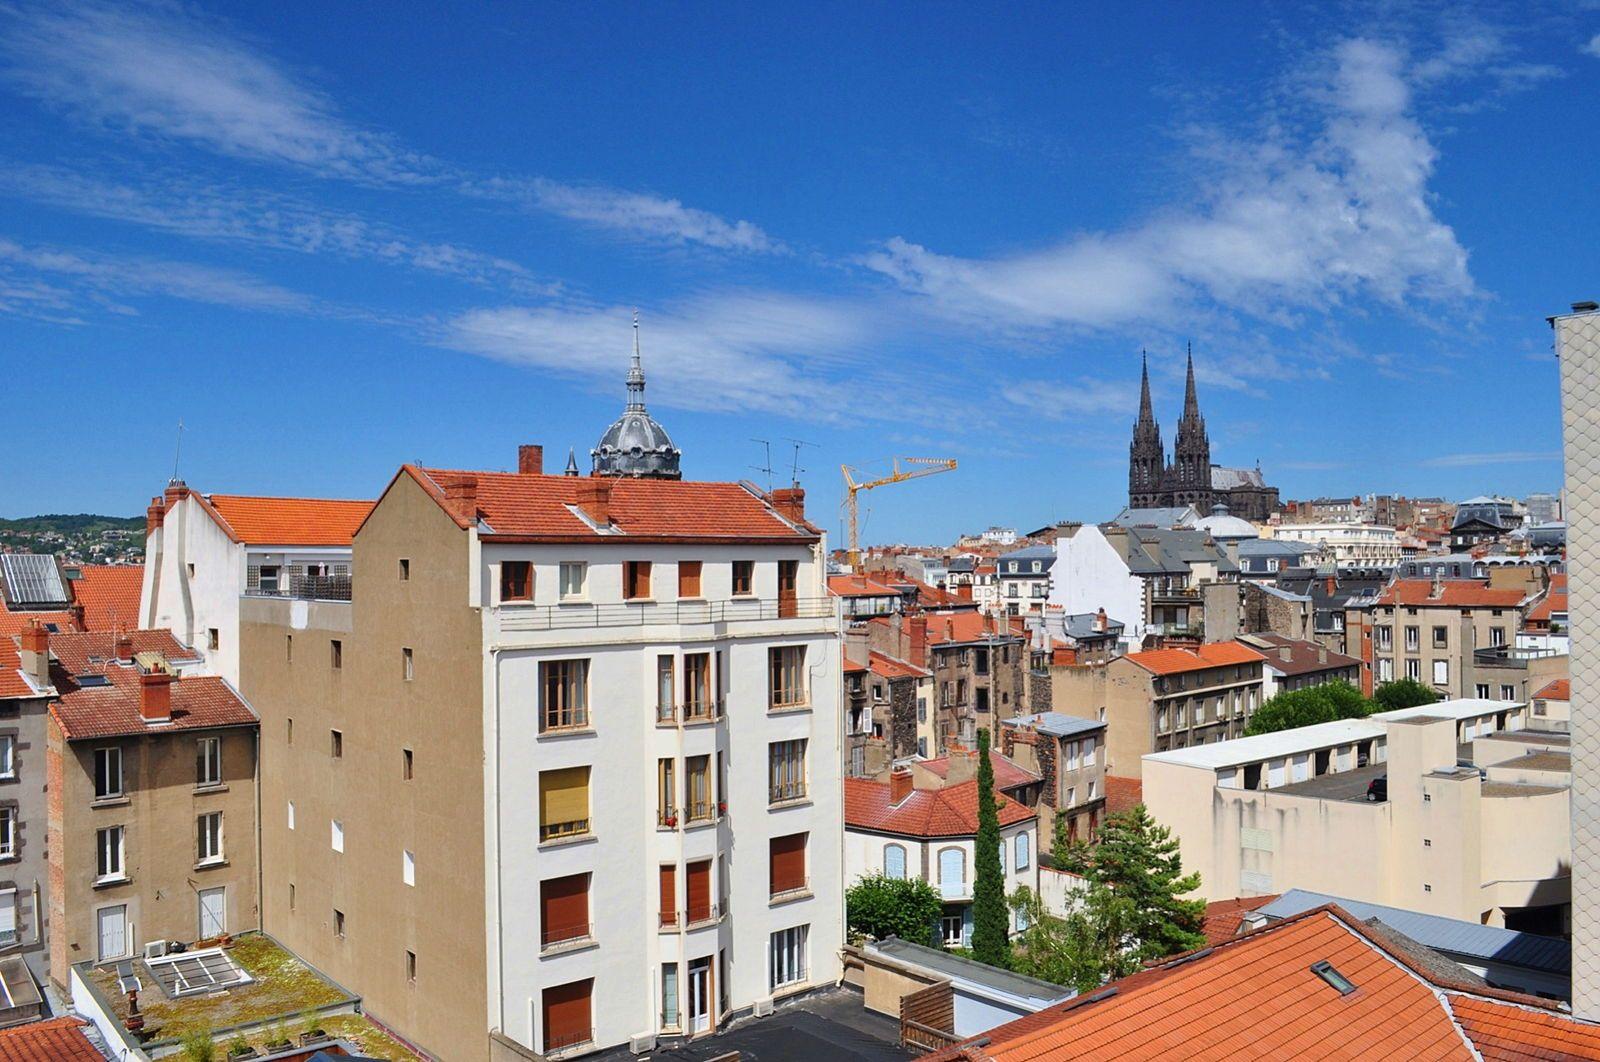 Vends appartement 123m², T6- 4chambres,vue dégagée, rue Maréchal Foch, JAUDE, Clermont-Ferrand (63)